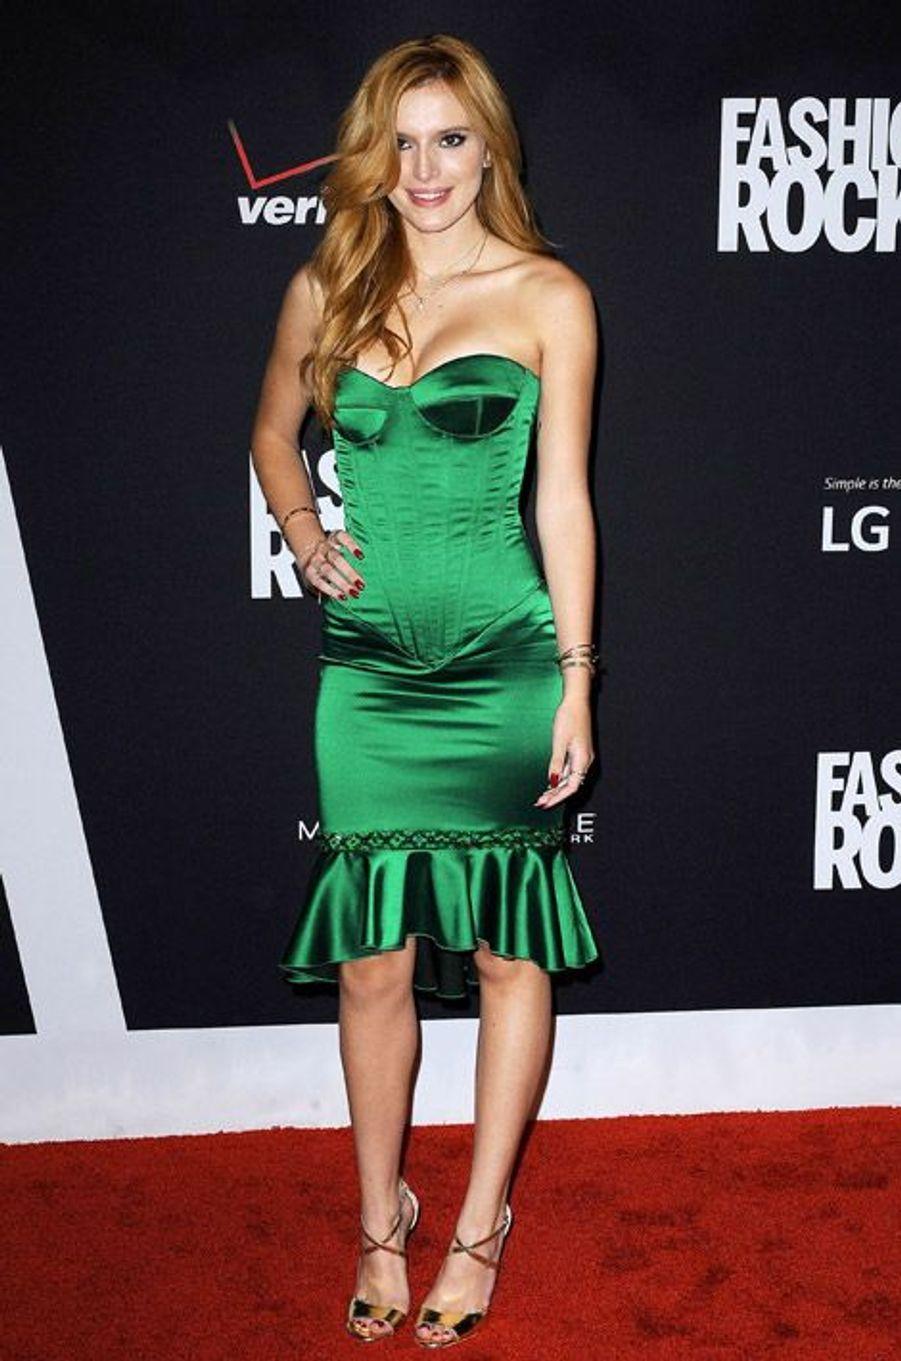 L'actrice américaine Bella Thorne lors de la soirée Fashion Rocks, à New York, le 9 septembre 2014